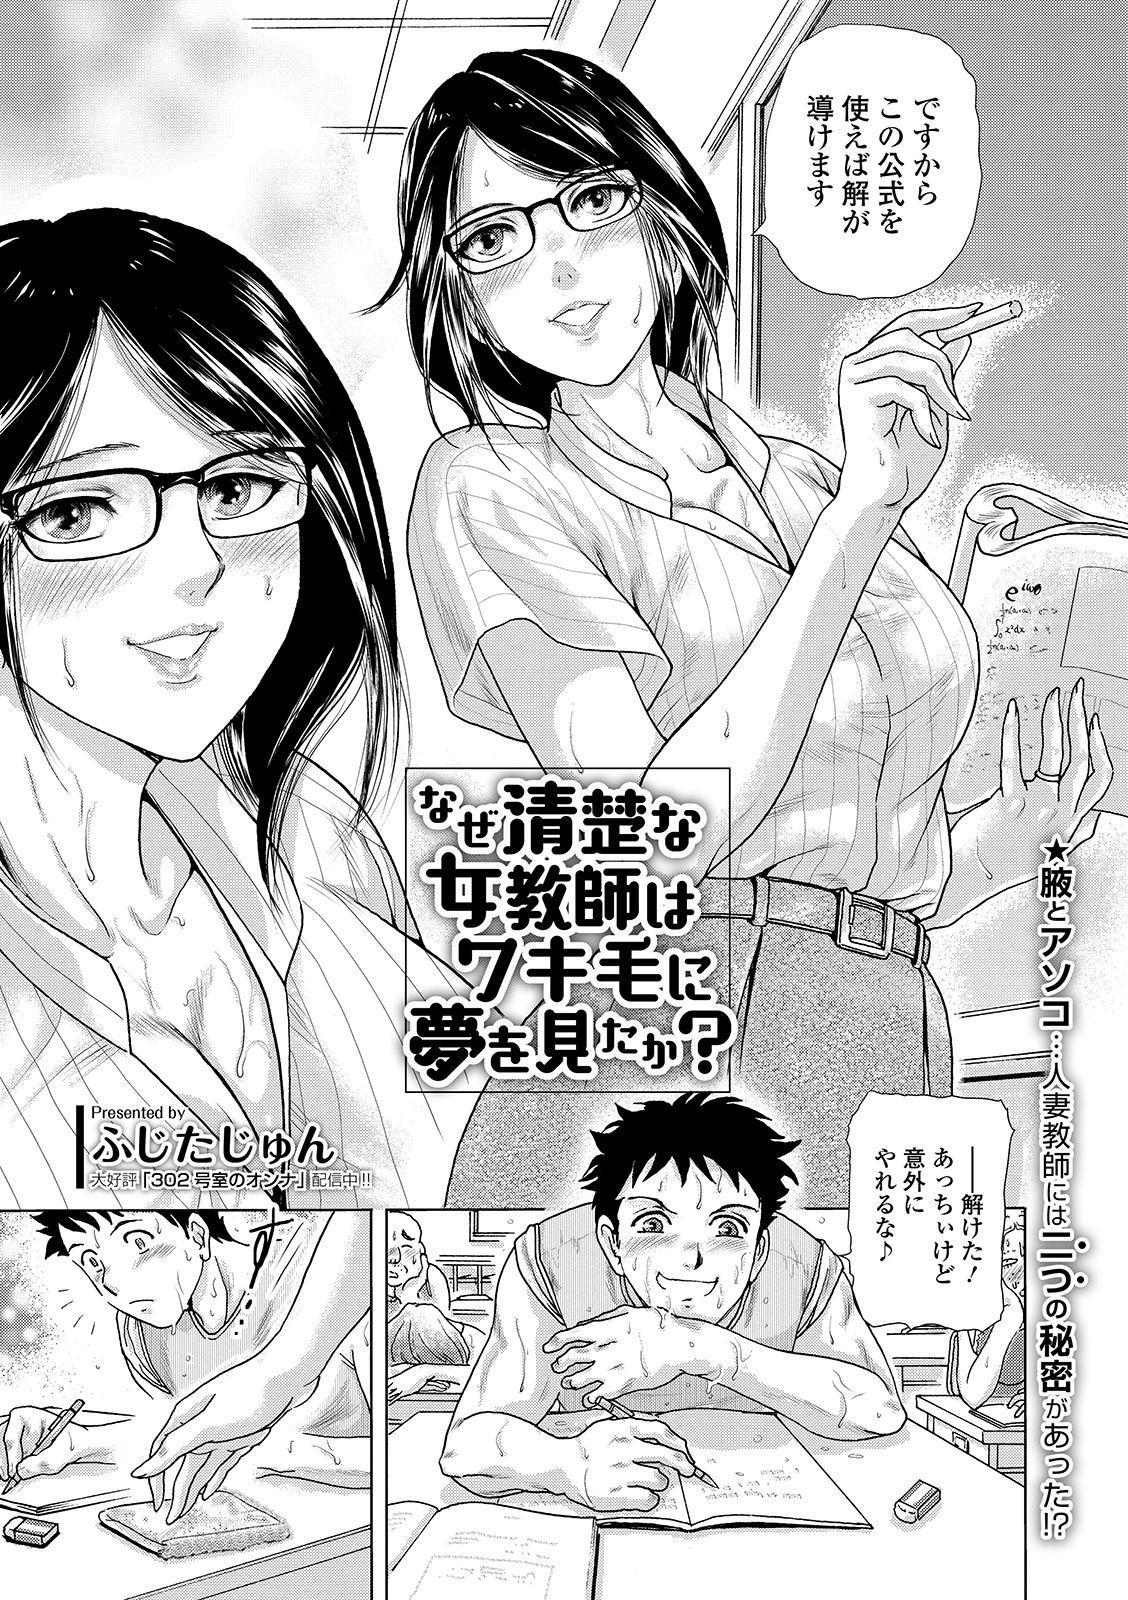 Web Comic Toutetsu Vol. 45 56